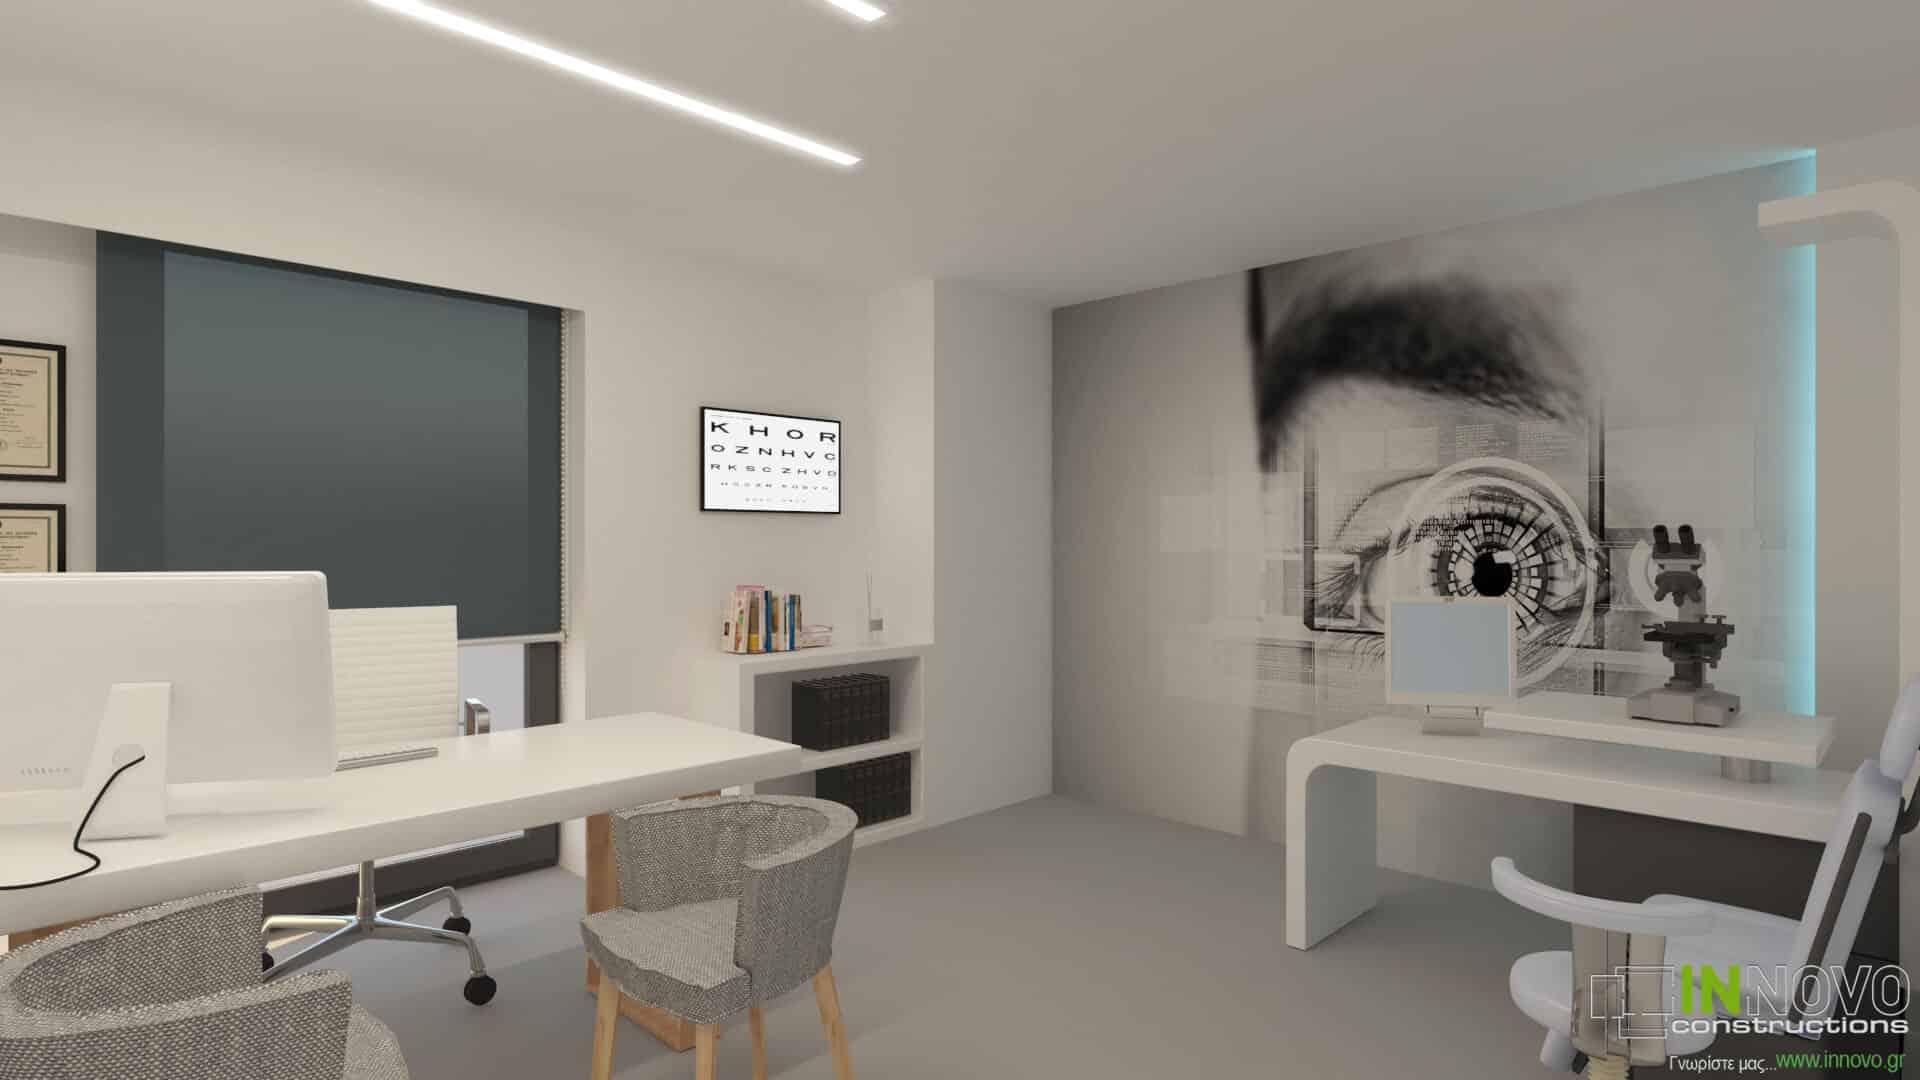 Ανακαίνιση οφθαλμολογικής κλινικής στη Γλυφάδα